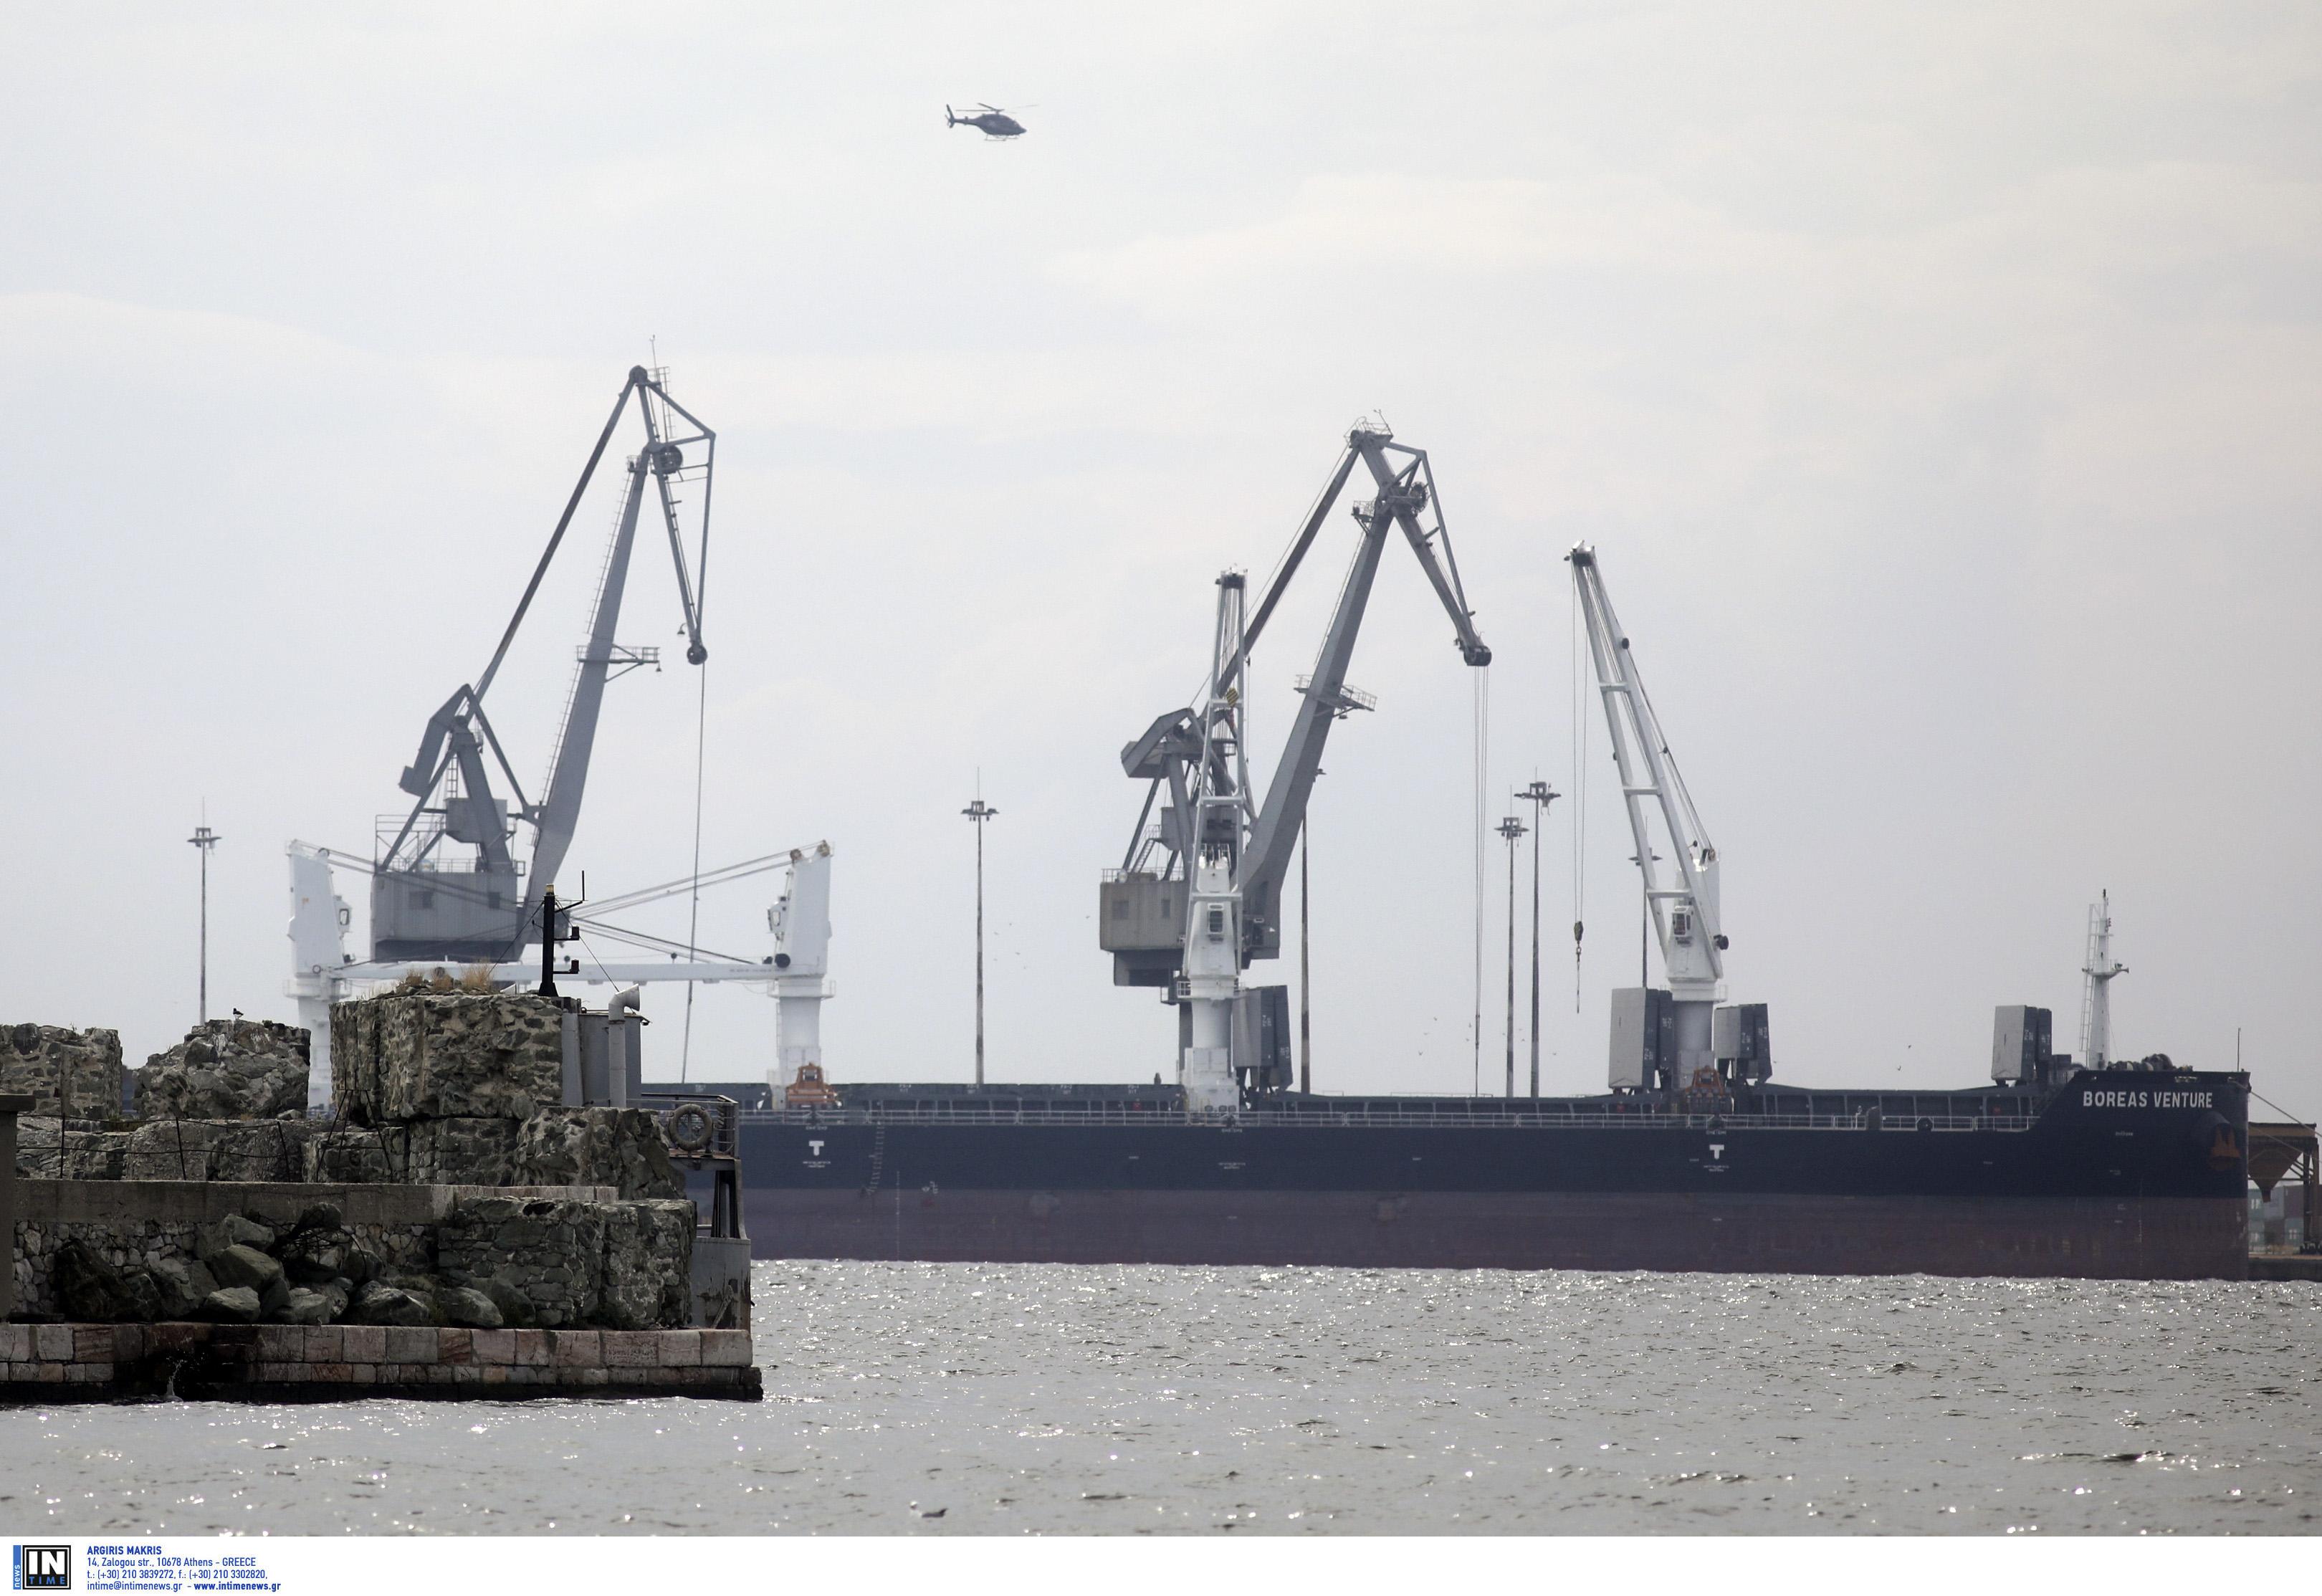 Θεσσαλονίκη: Στοιχεία φωτιά και καμπάνες για τη μεγάλη υπόθεση διαφθοράς στο λιμάνι – Σε αργία ο λιμενάρχης!